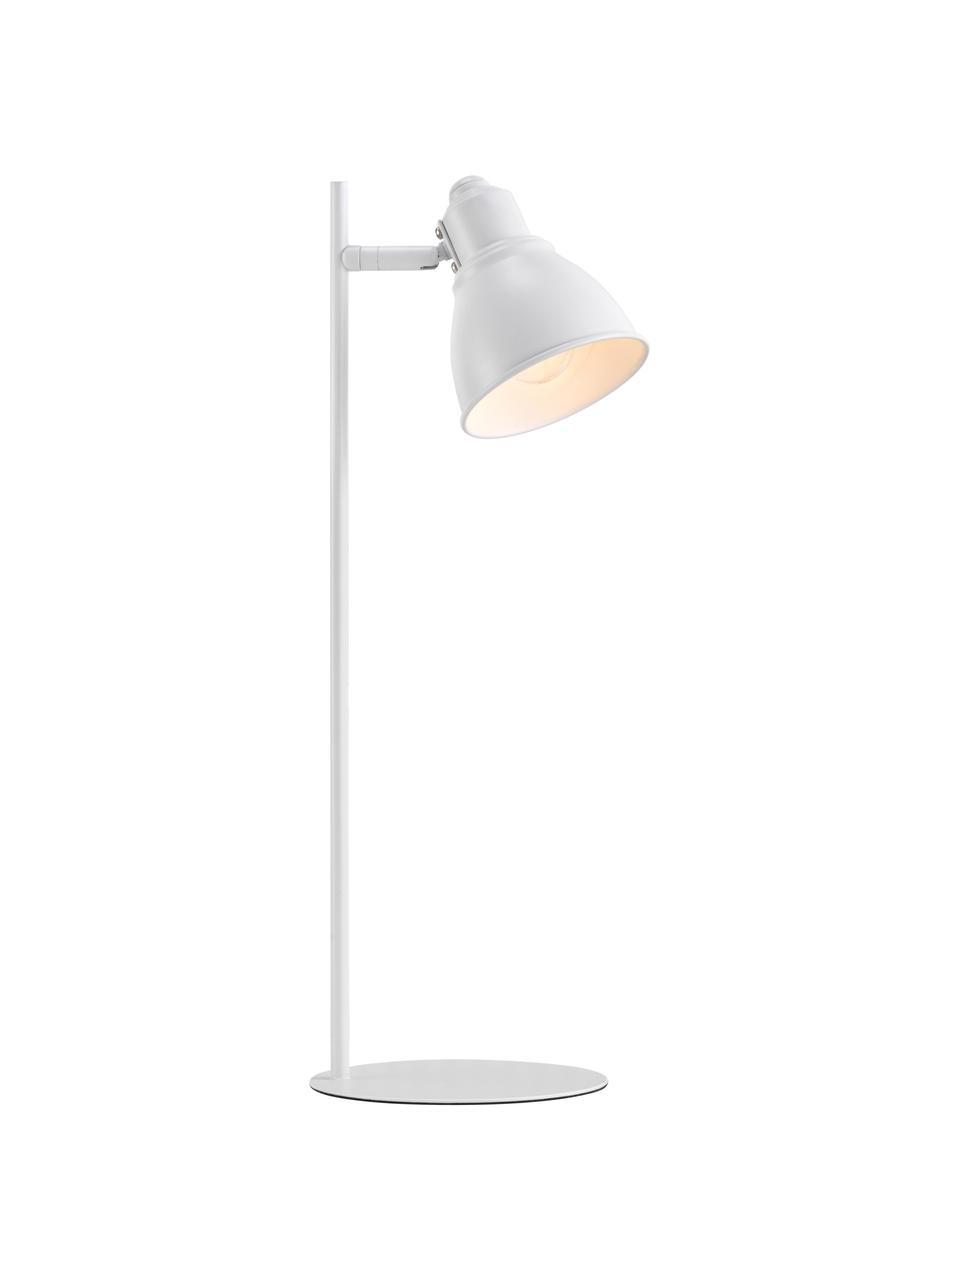 Schreibtischlampe Mercer in Weiß, Lampenschirm: Metall, beschichtet, Lampenfuß: Metall, beschichtet, Weiß, Ø 15 x H 45 cm